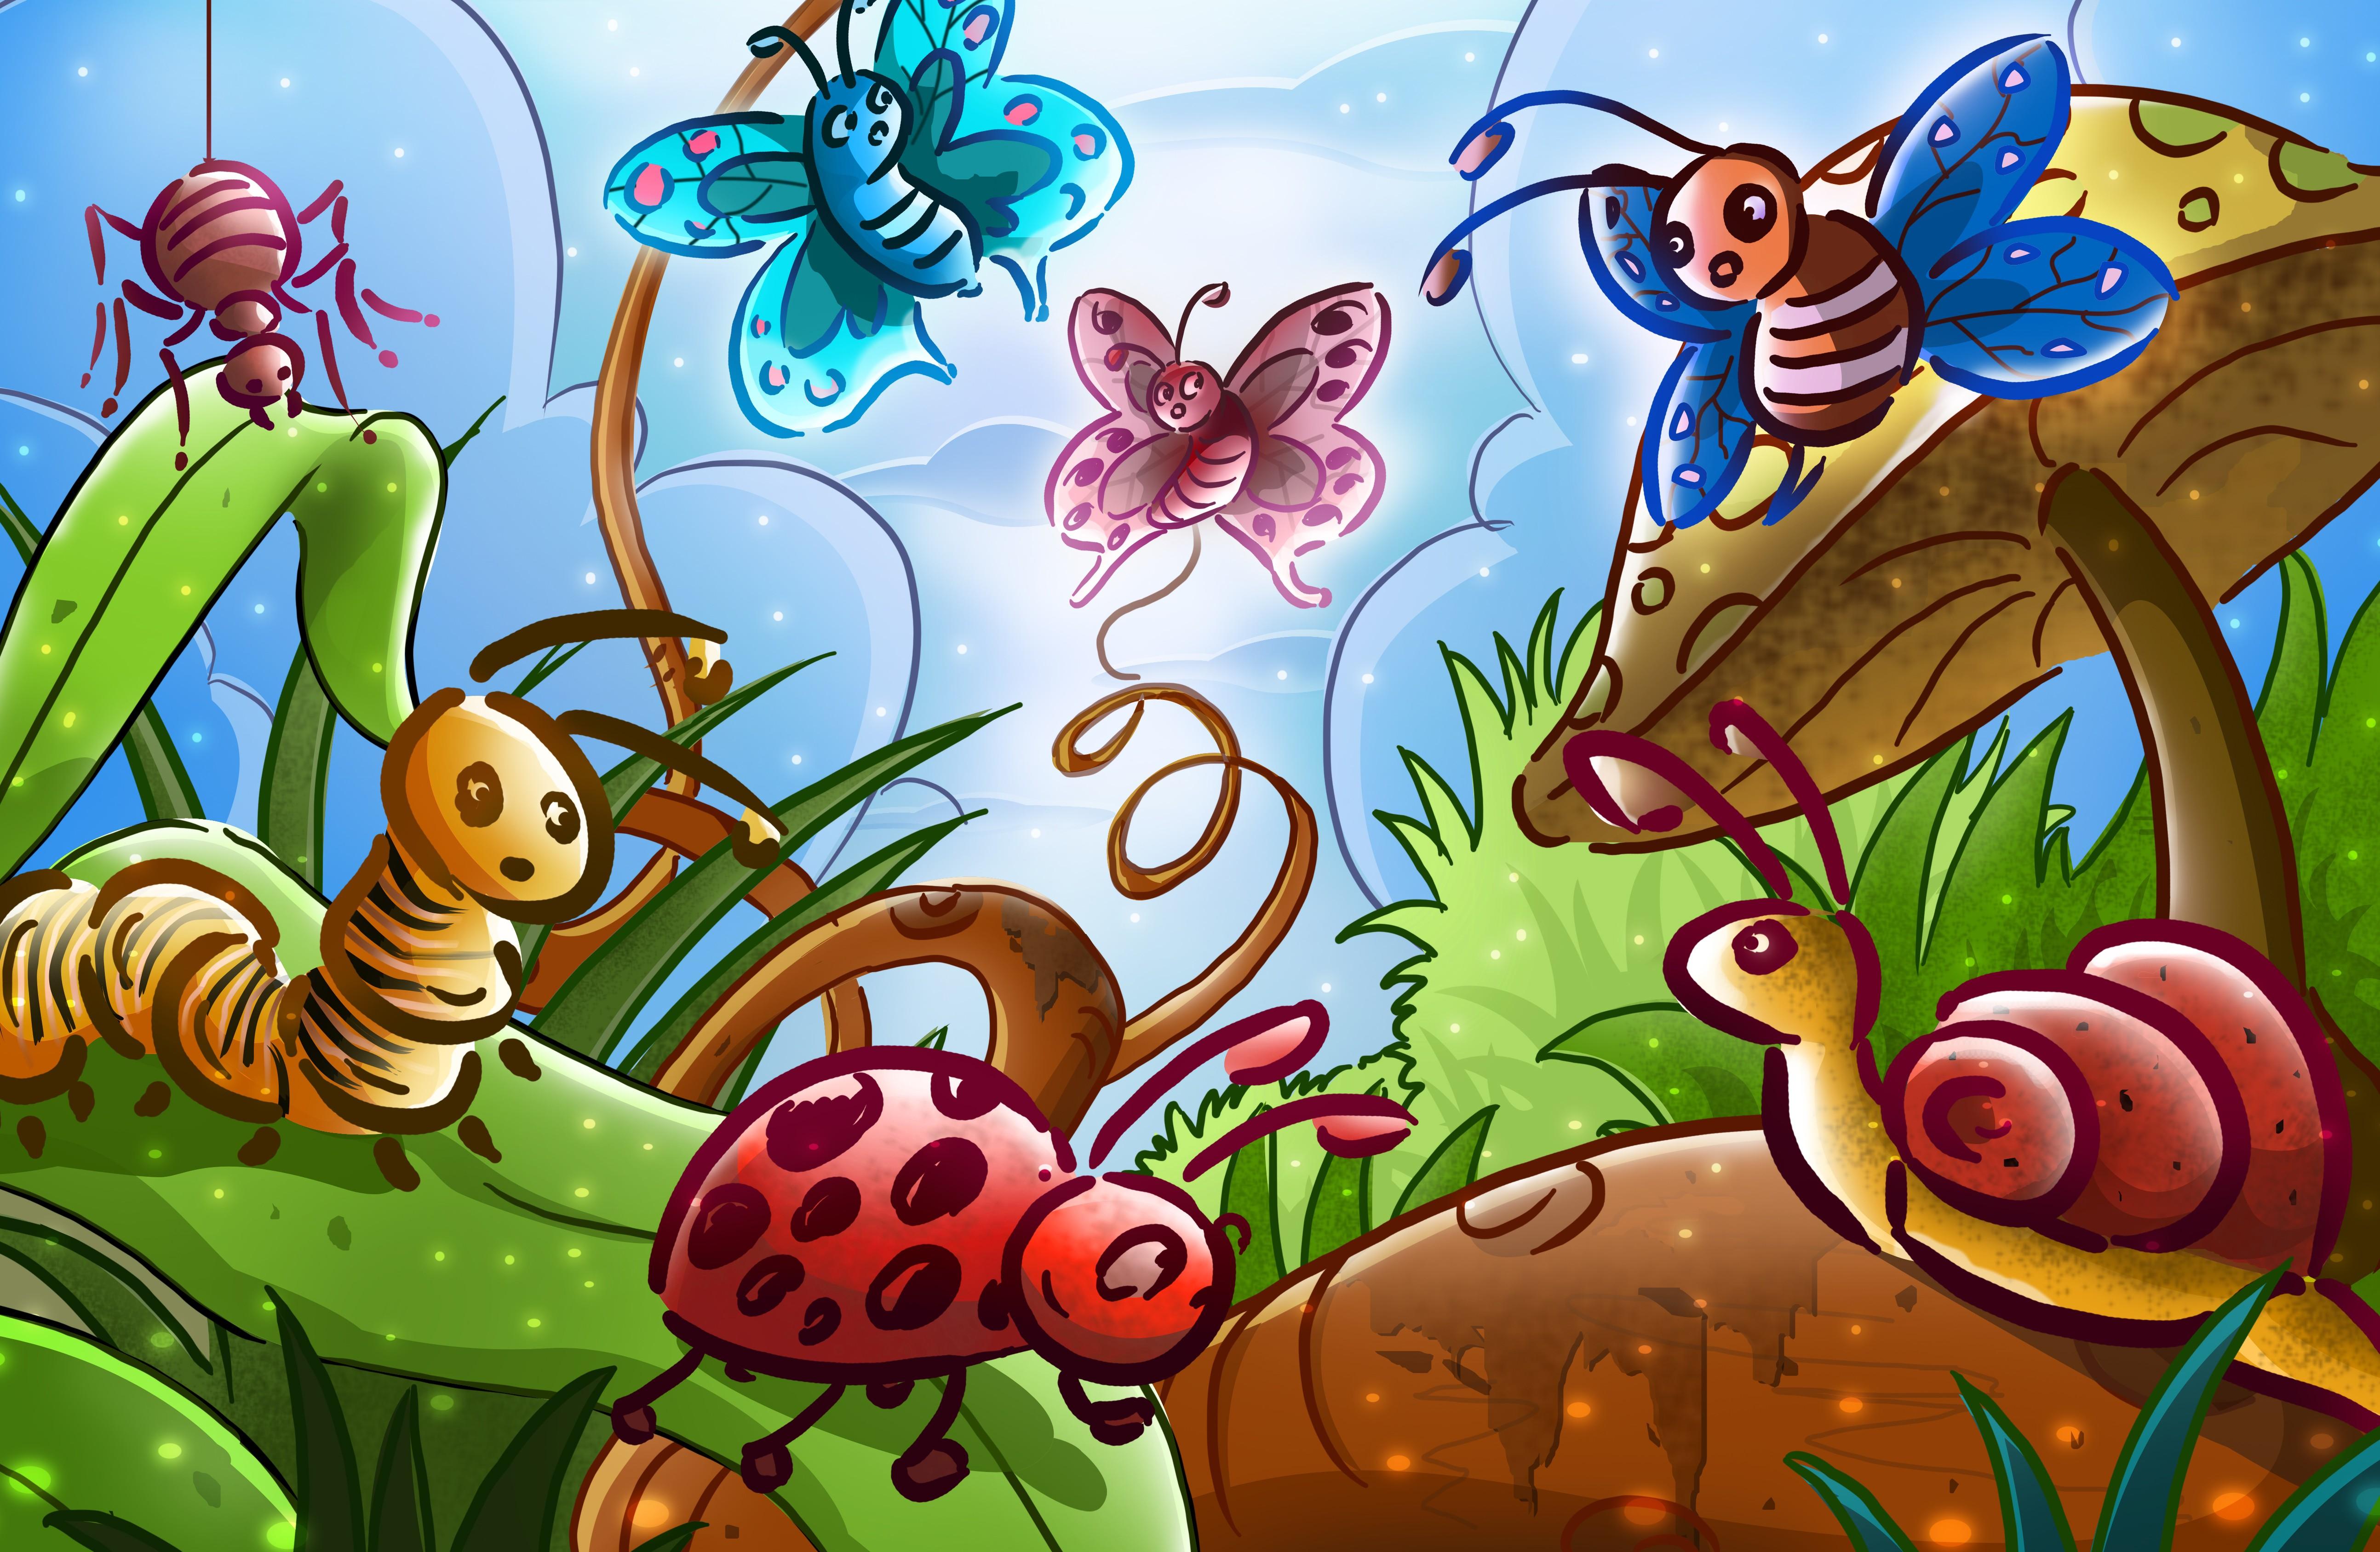 Веселые мультяшные картинки для детей